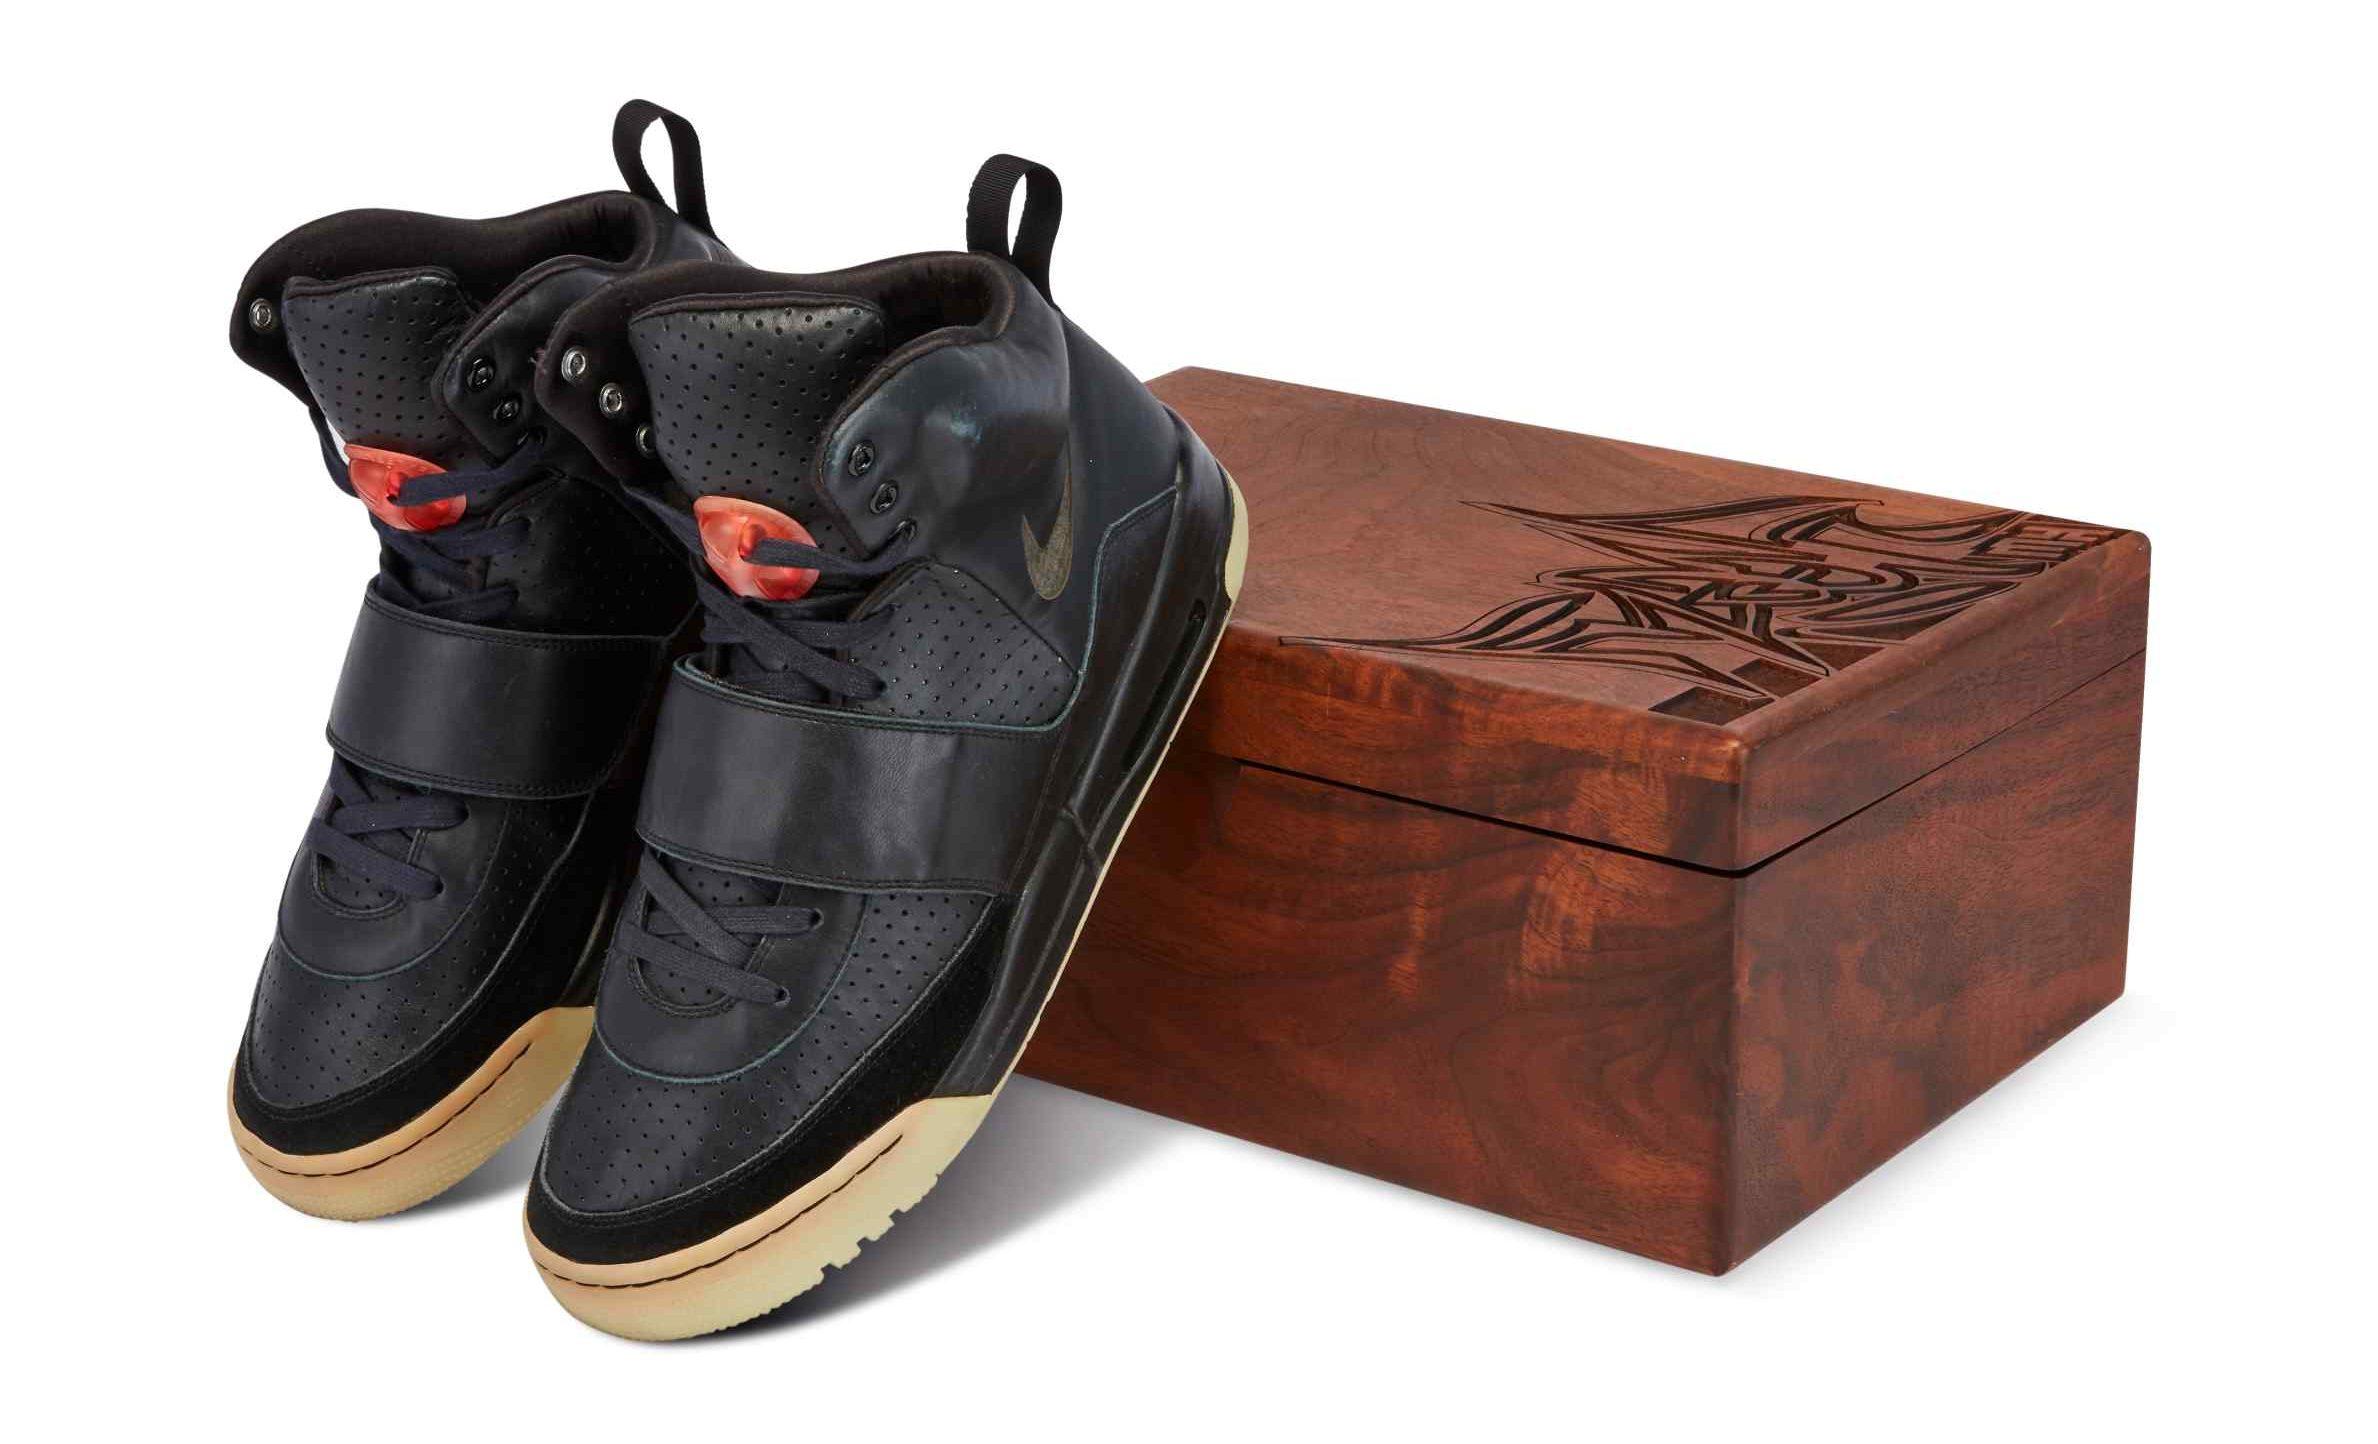 Nike Air Yeezy 1 prototype sneakers